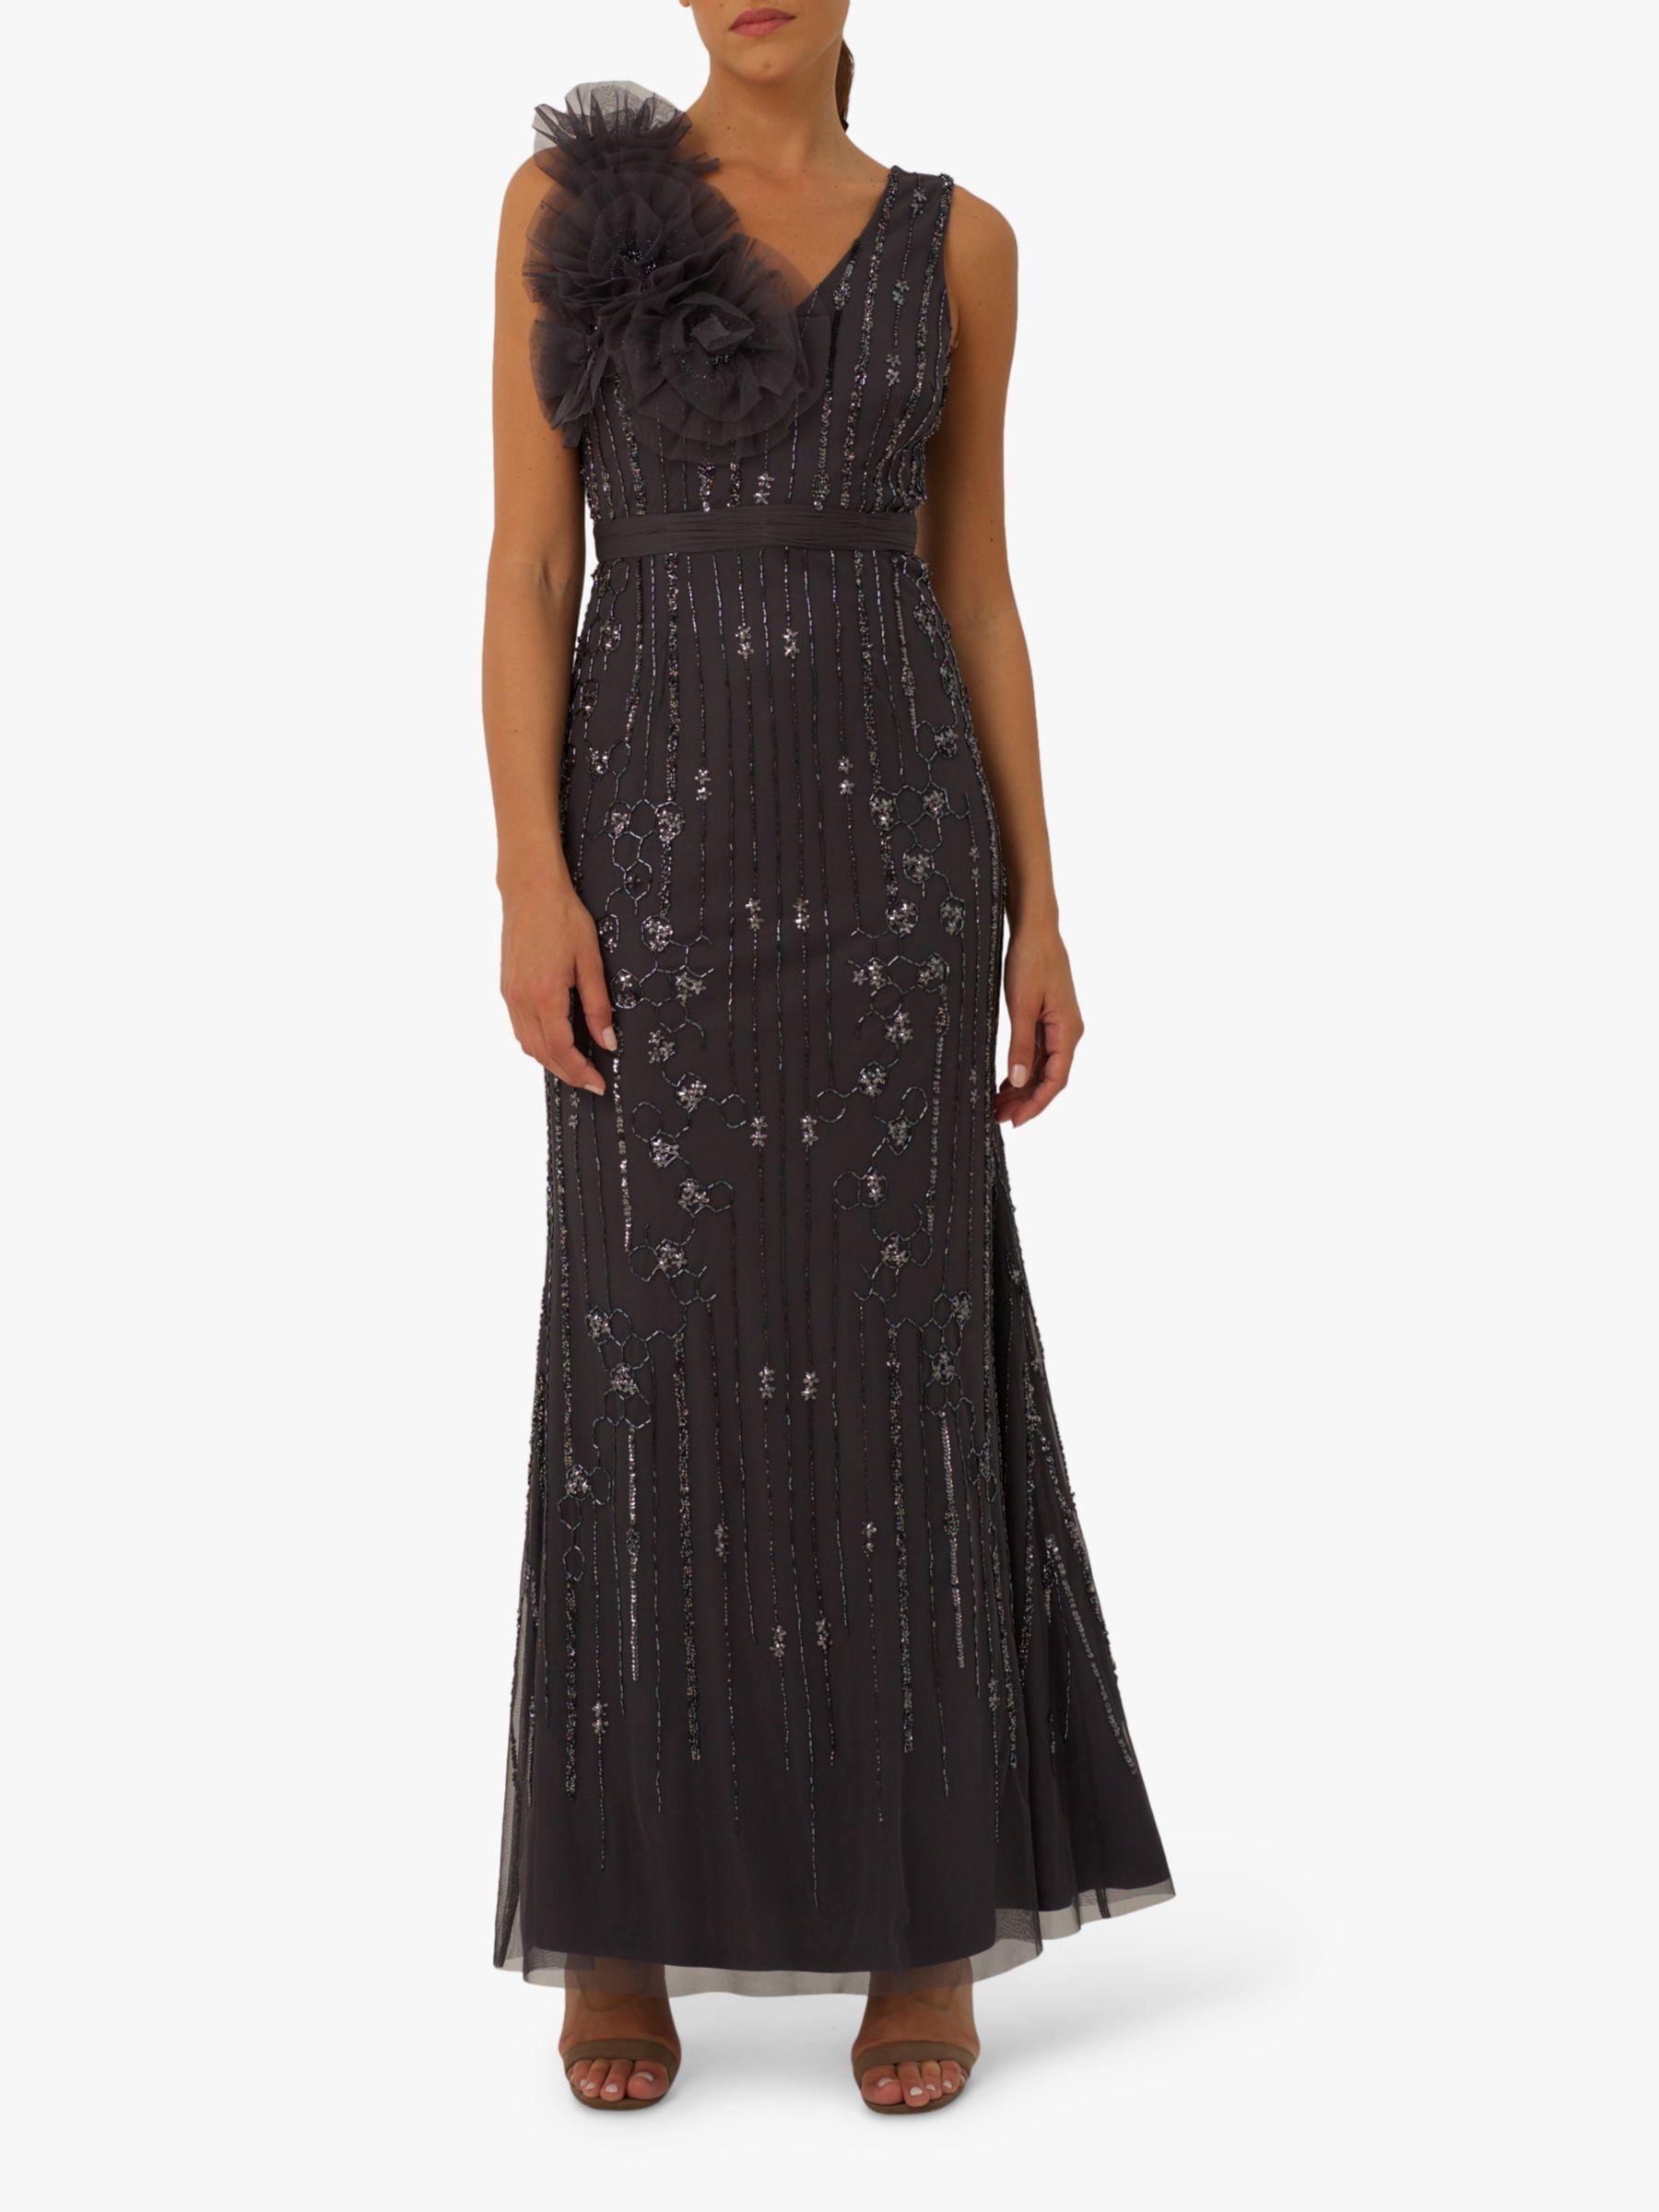 RAISHMA Raishma Tallulah Embellished Dress, Grey